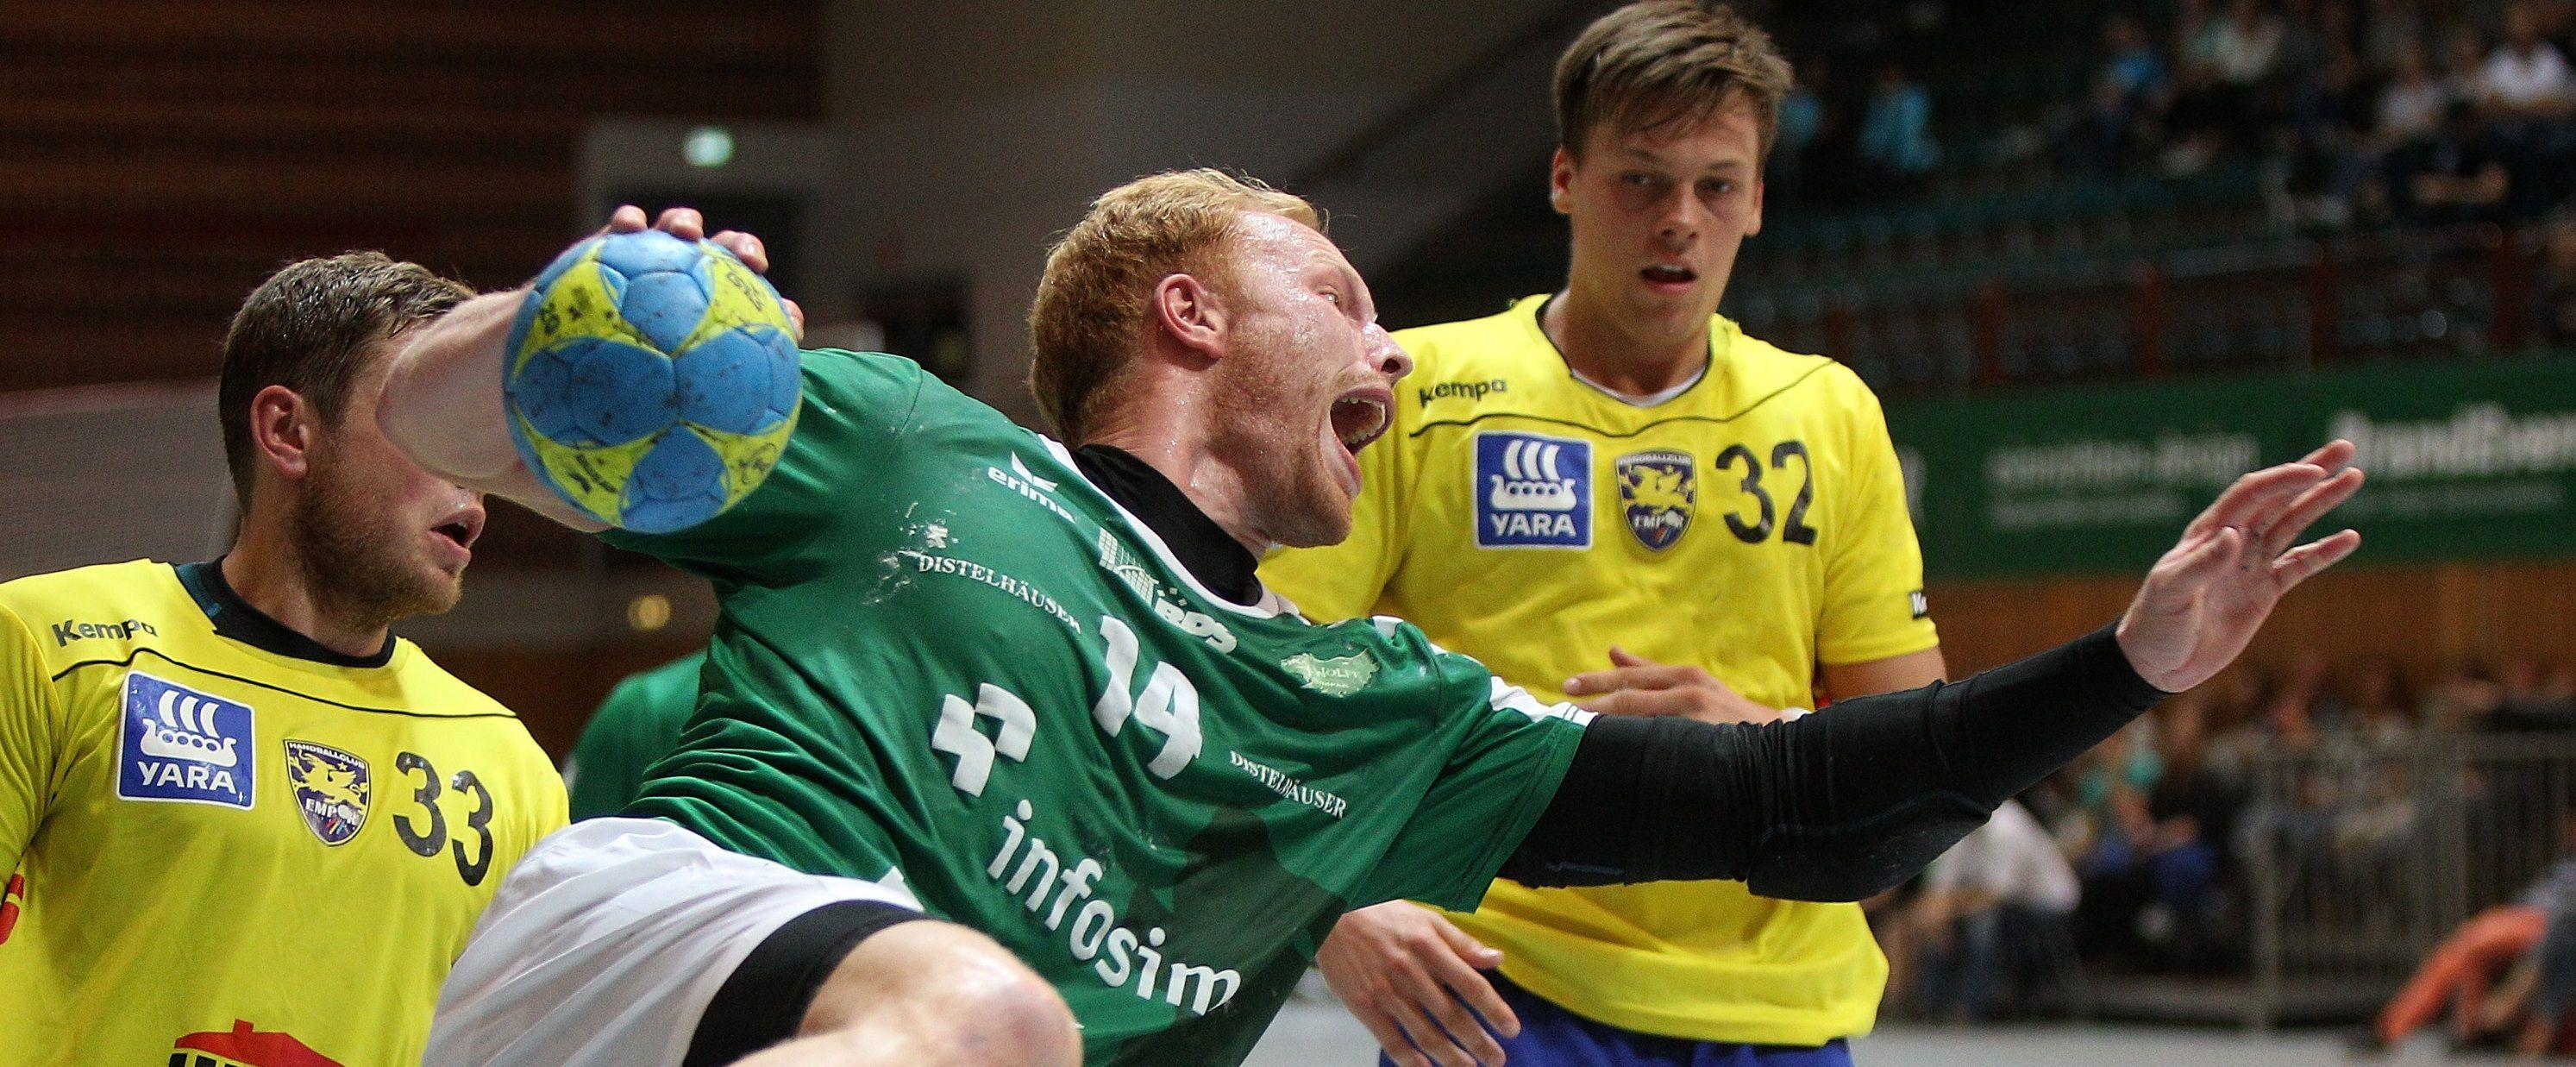 DKB 2. Handball-Bundesliga, DJK Rimpar Wölfe – HC Empor Rostock